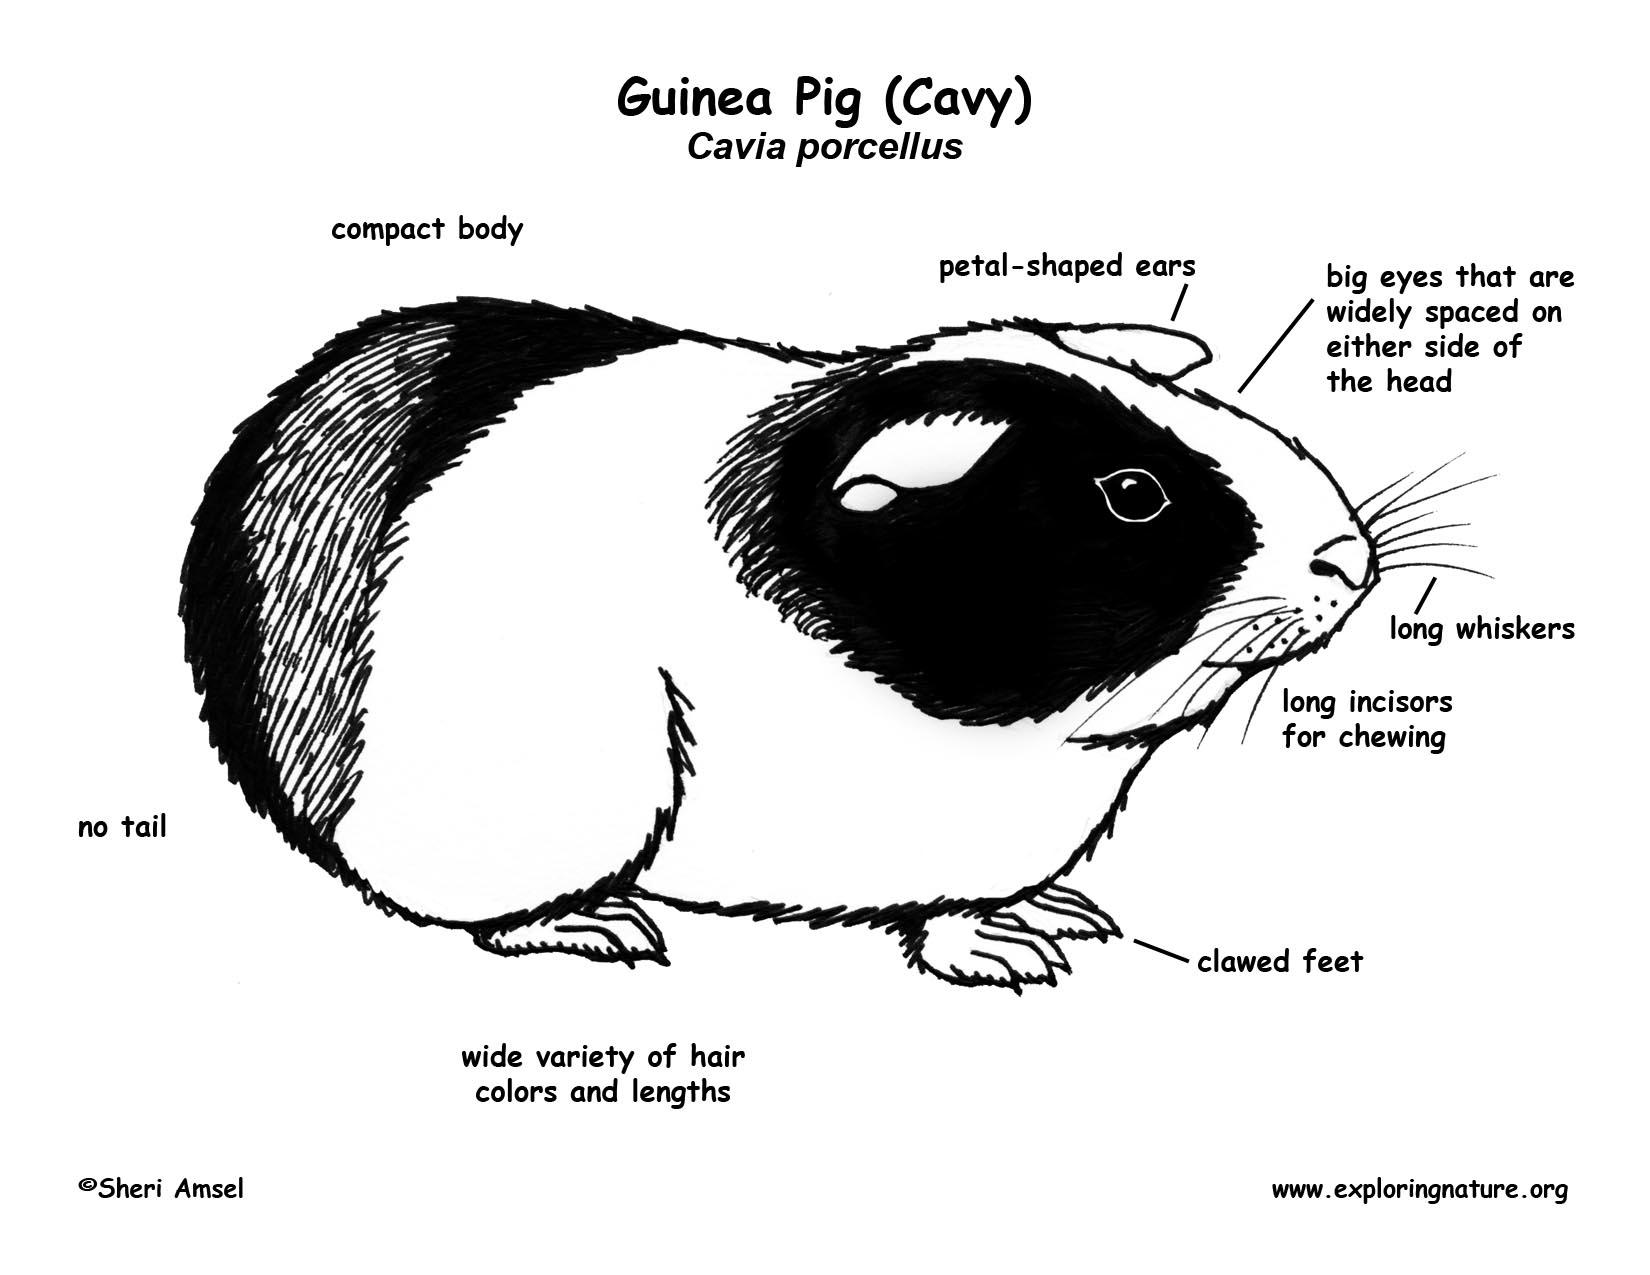 Guinea Pig Cavy